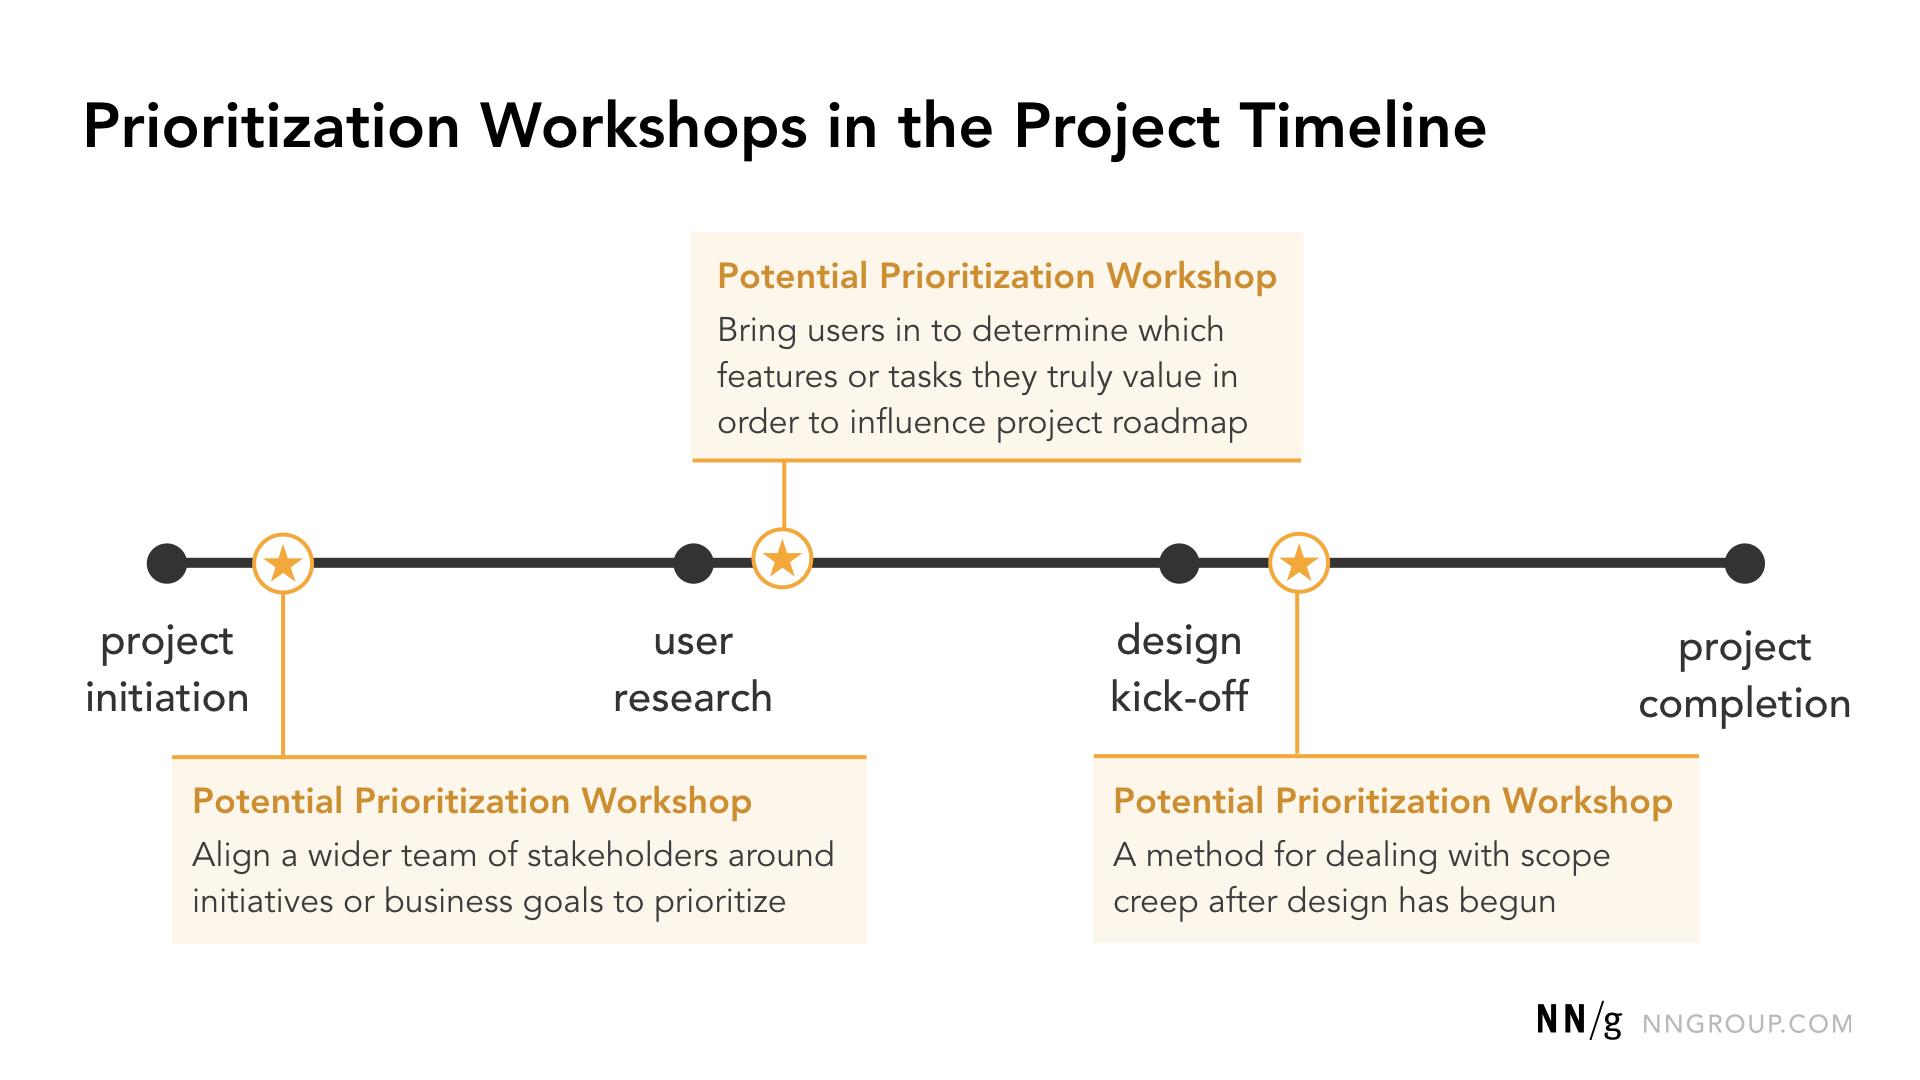 Opportunités communes pour les ateliers de priorisation à travers un calendrier de conception de haut niveau